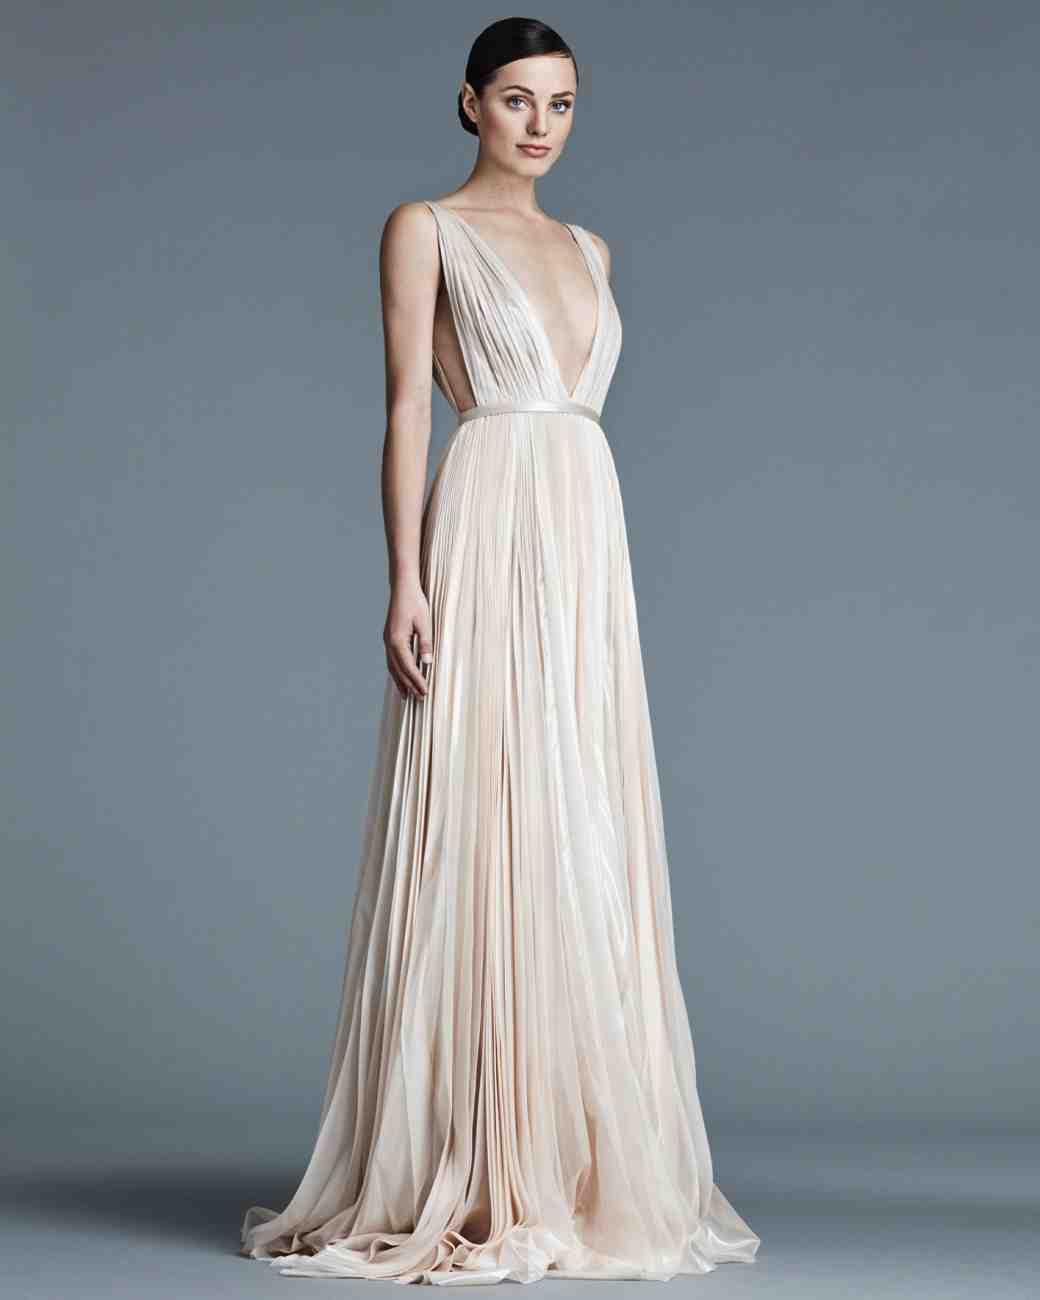 J Mendel Bridal Hairstyles 2016 Spring